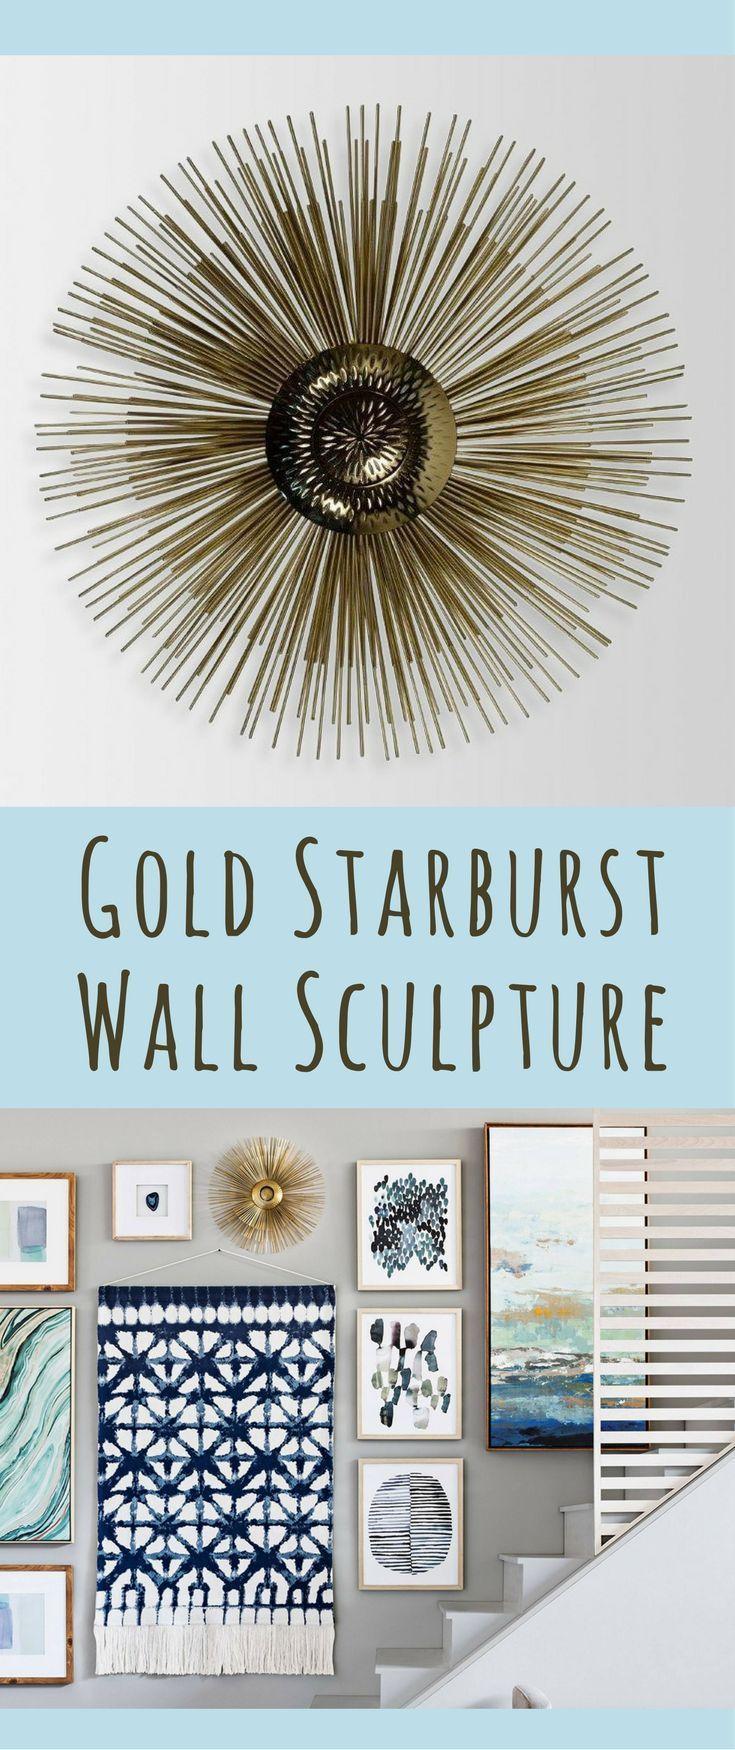 Best 25 modern wall sculptures ideas on pinterest modern gold starburst decorative wall sculpture starburst decor sunburst sculpture wall art modern amipublicfo Choice Image